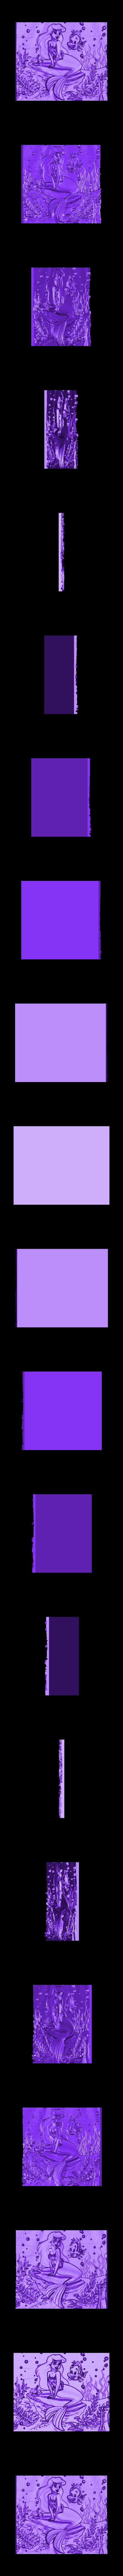 la_sirenita_2.stl Download free STL file Keychain ariel mermaid • 3D printer object, 3dlito